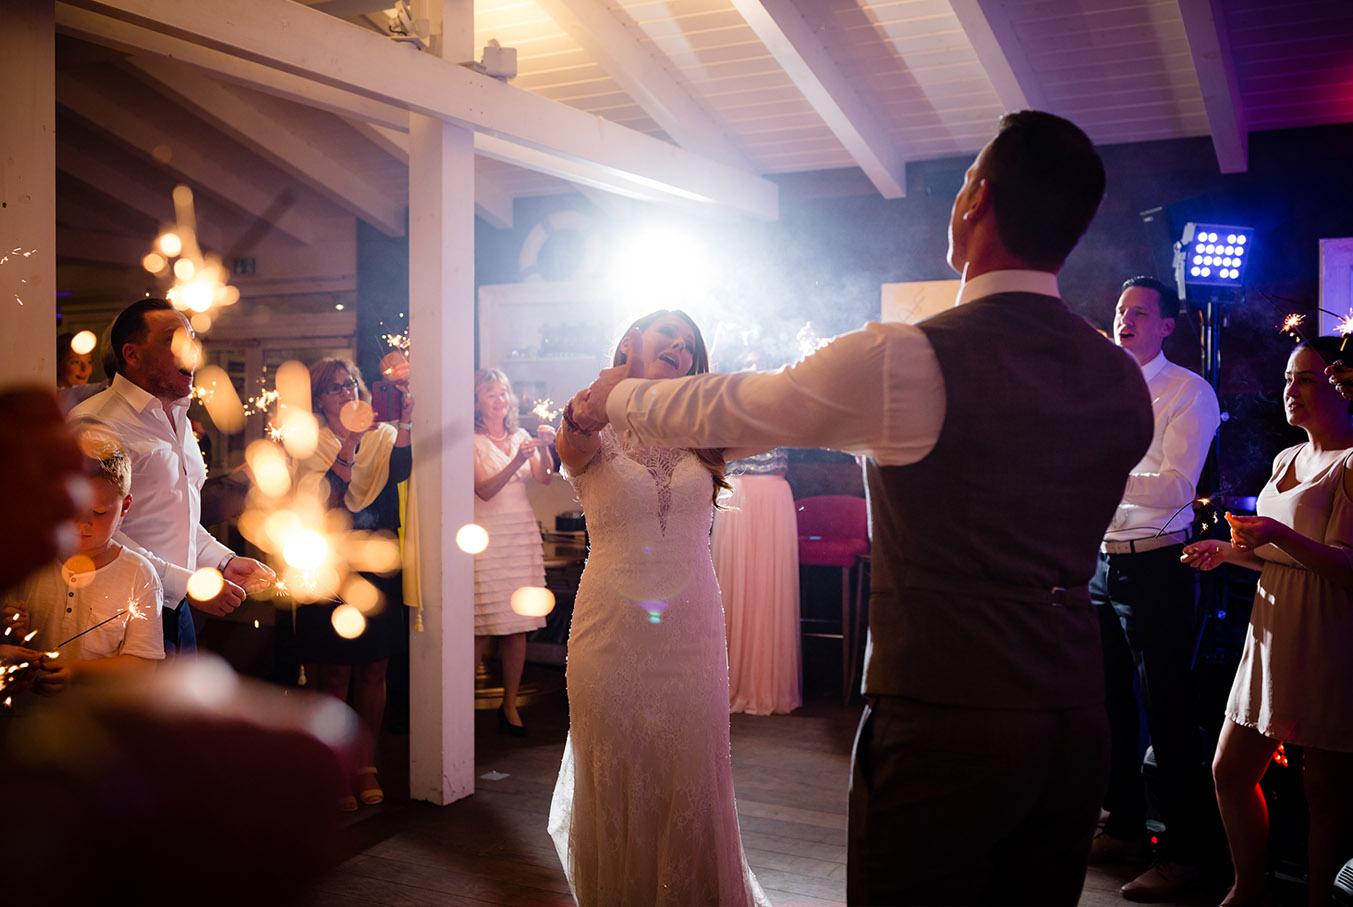 Vienna_Wien_Atzenbrugg_Hochzeit_Paar_Verlobung_Engagement_73